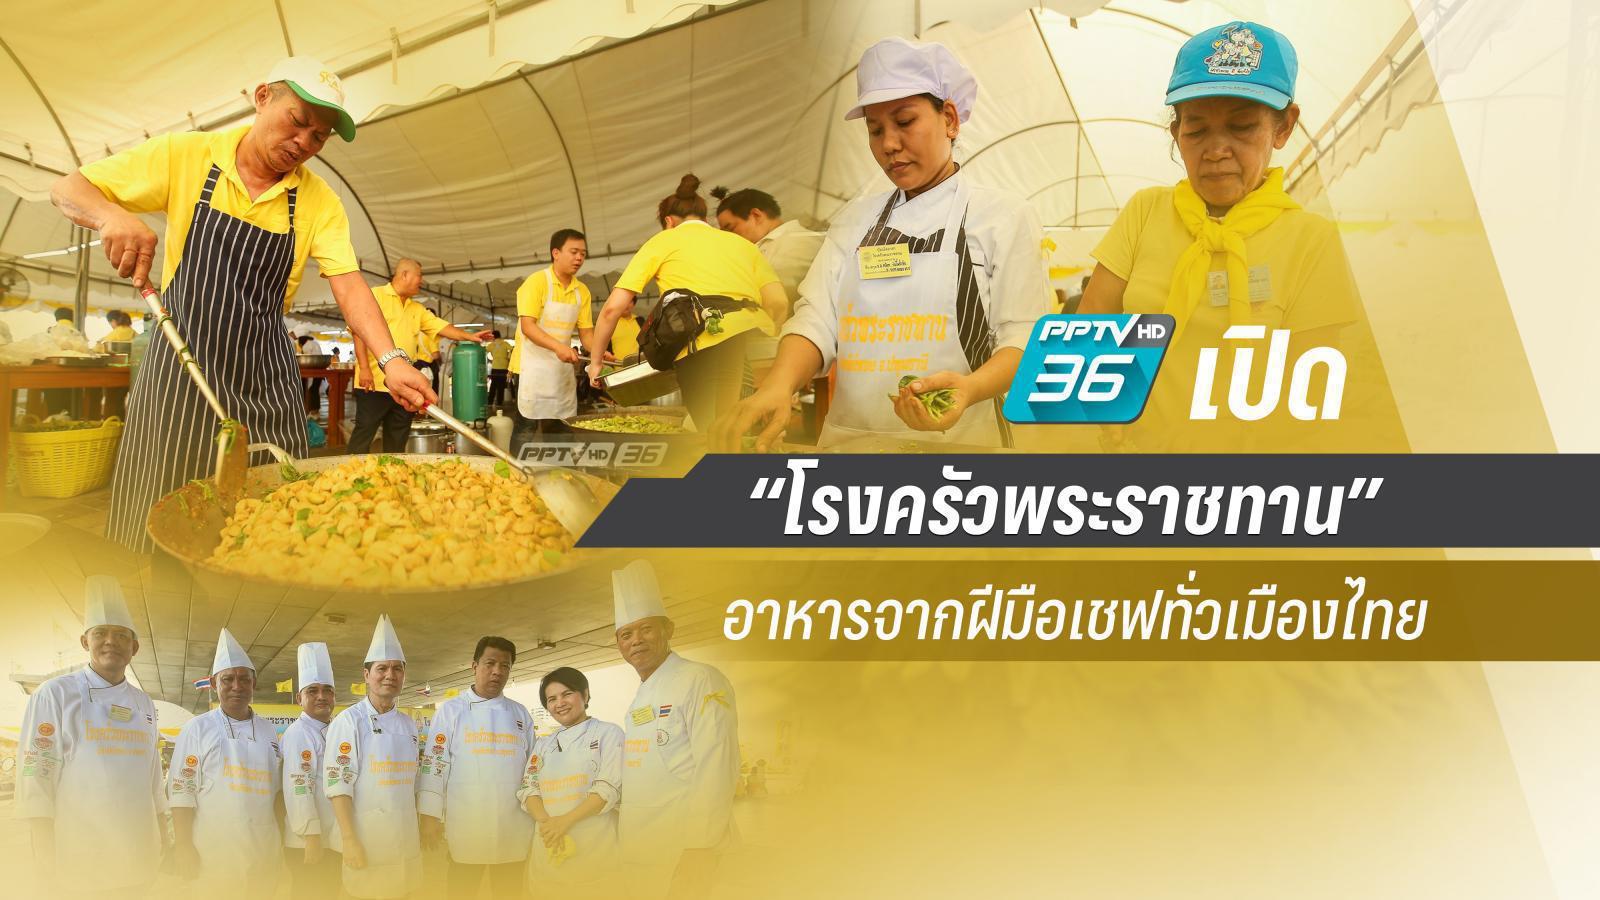 """เปิด""""โรงครัวพระราชทาน"""" อาหารจากฝีมือเชฟทั่วเมืองไทย"""